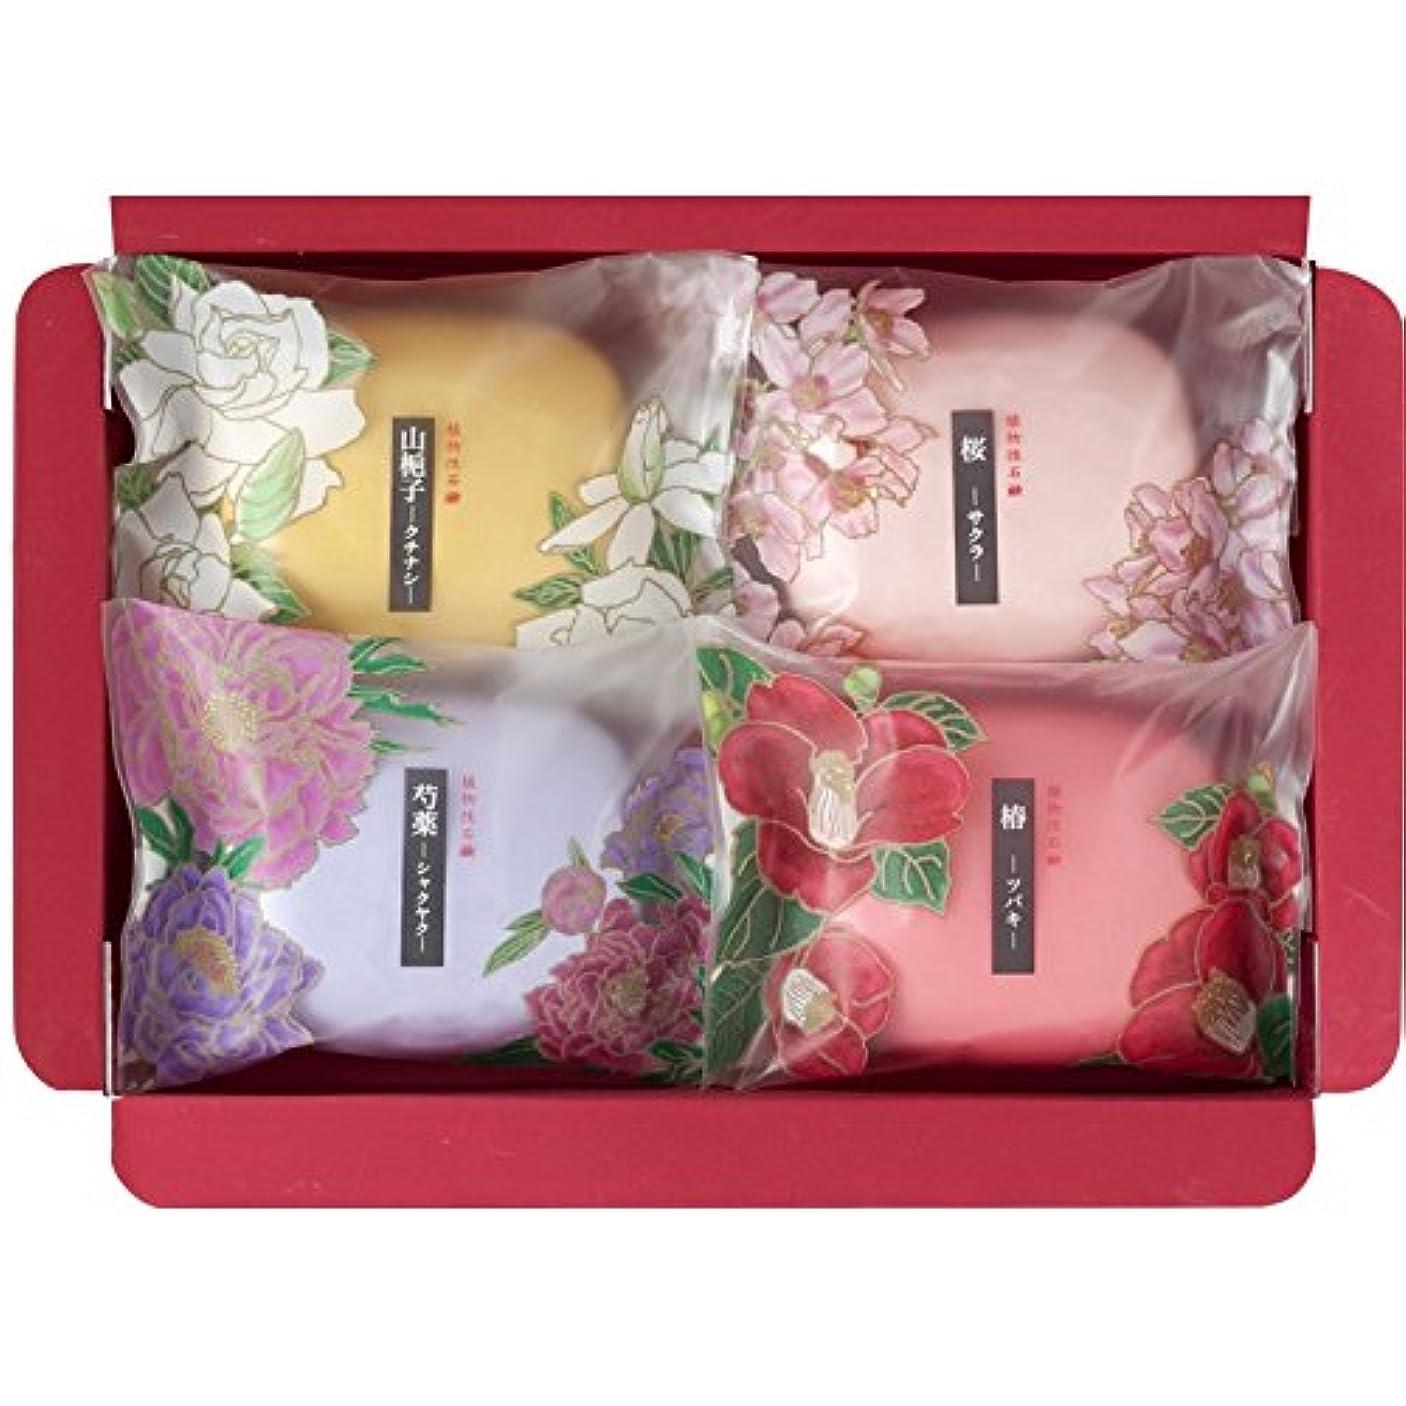 溶ける例示するマークダウン彩花だより SAK-05 【石けん 石鹸 うるおい いい香り 固形 詰め合わせ セット 良い香り 美容 個包装 肌に優しい 日本製】